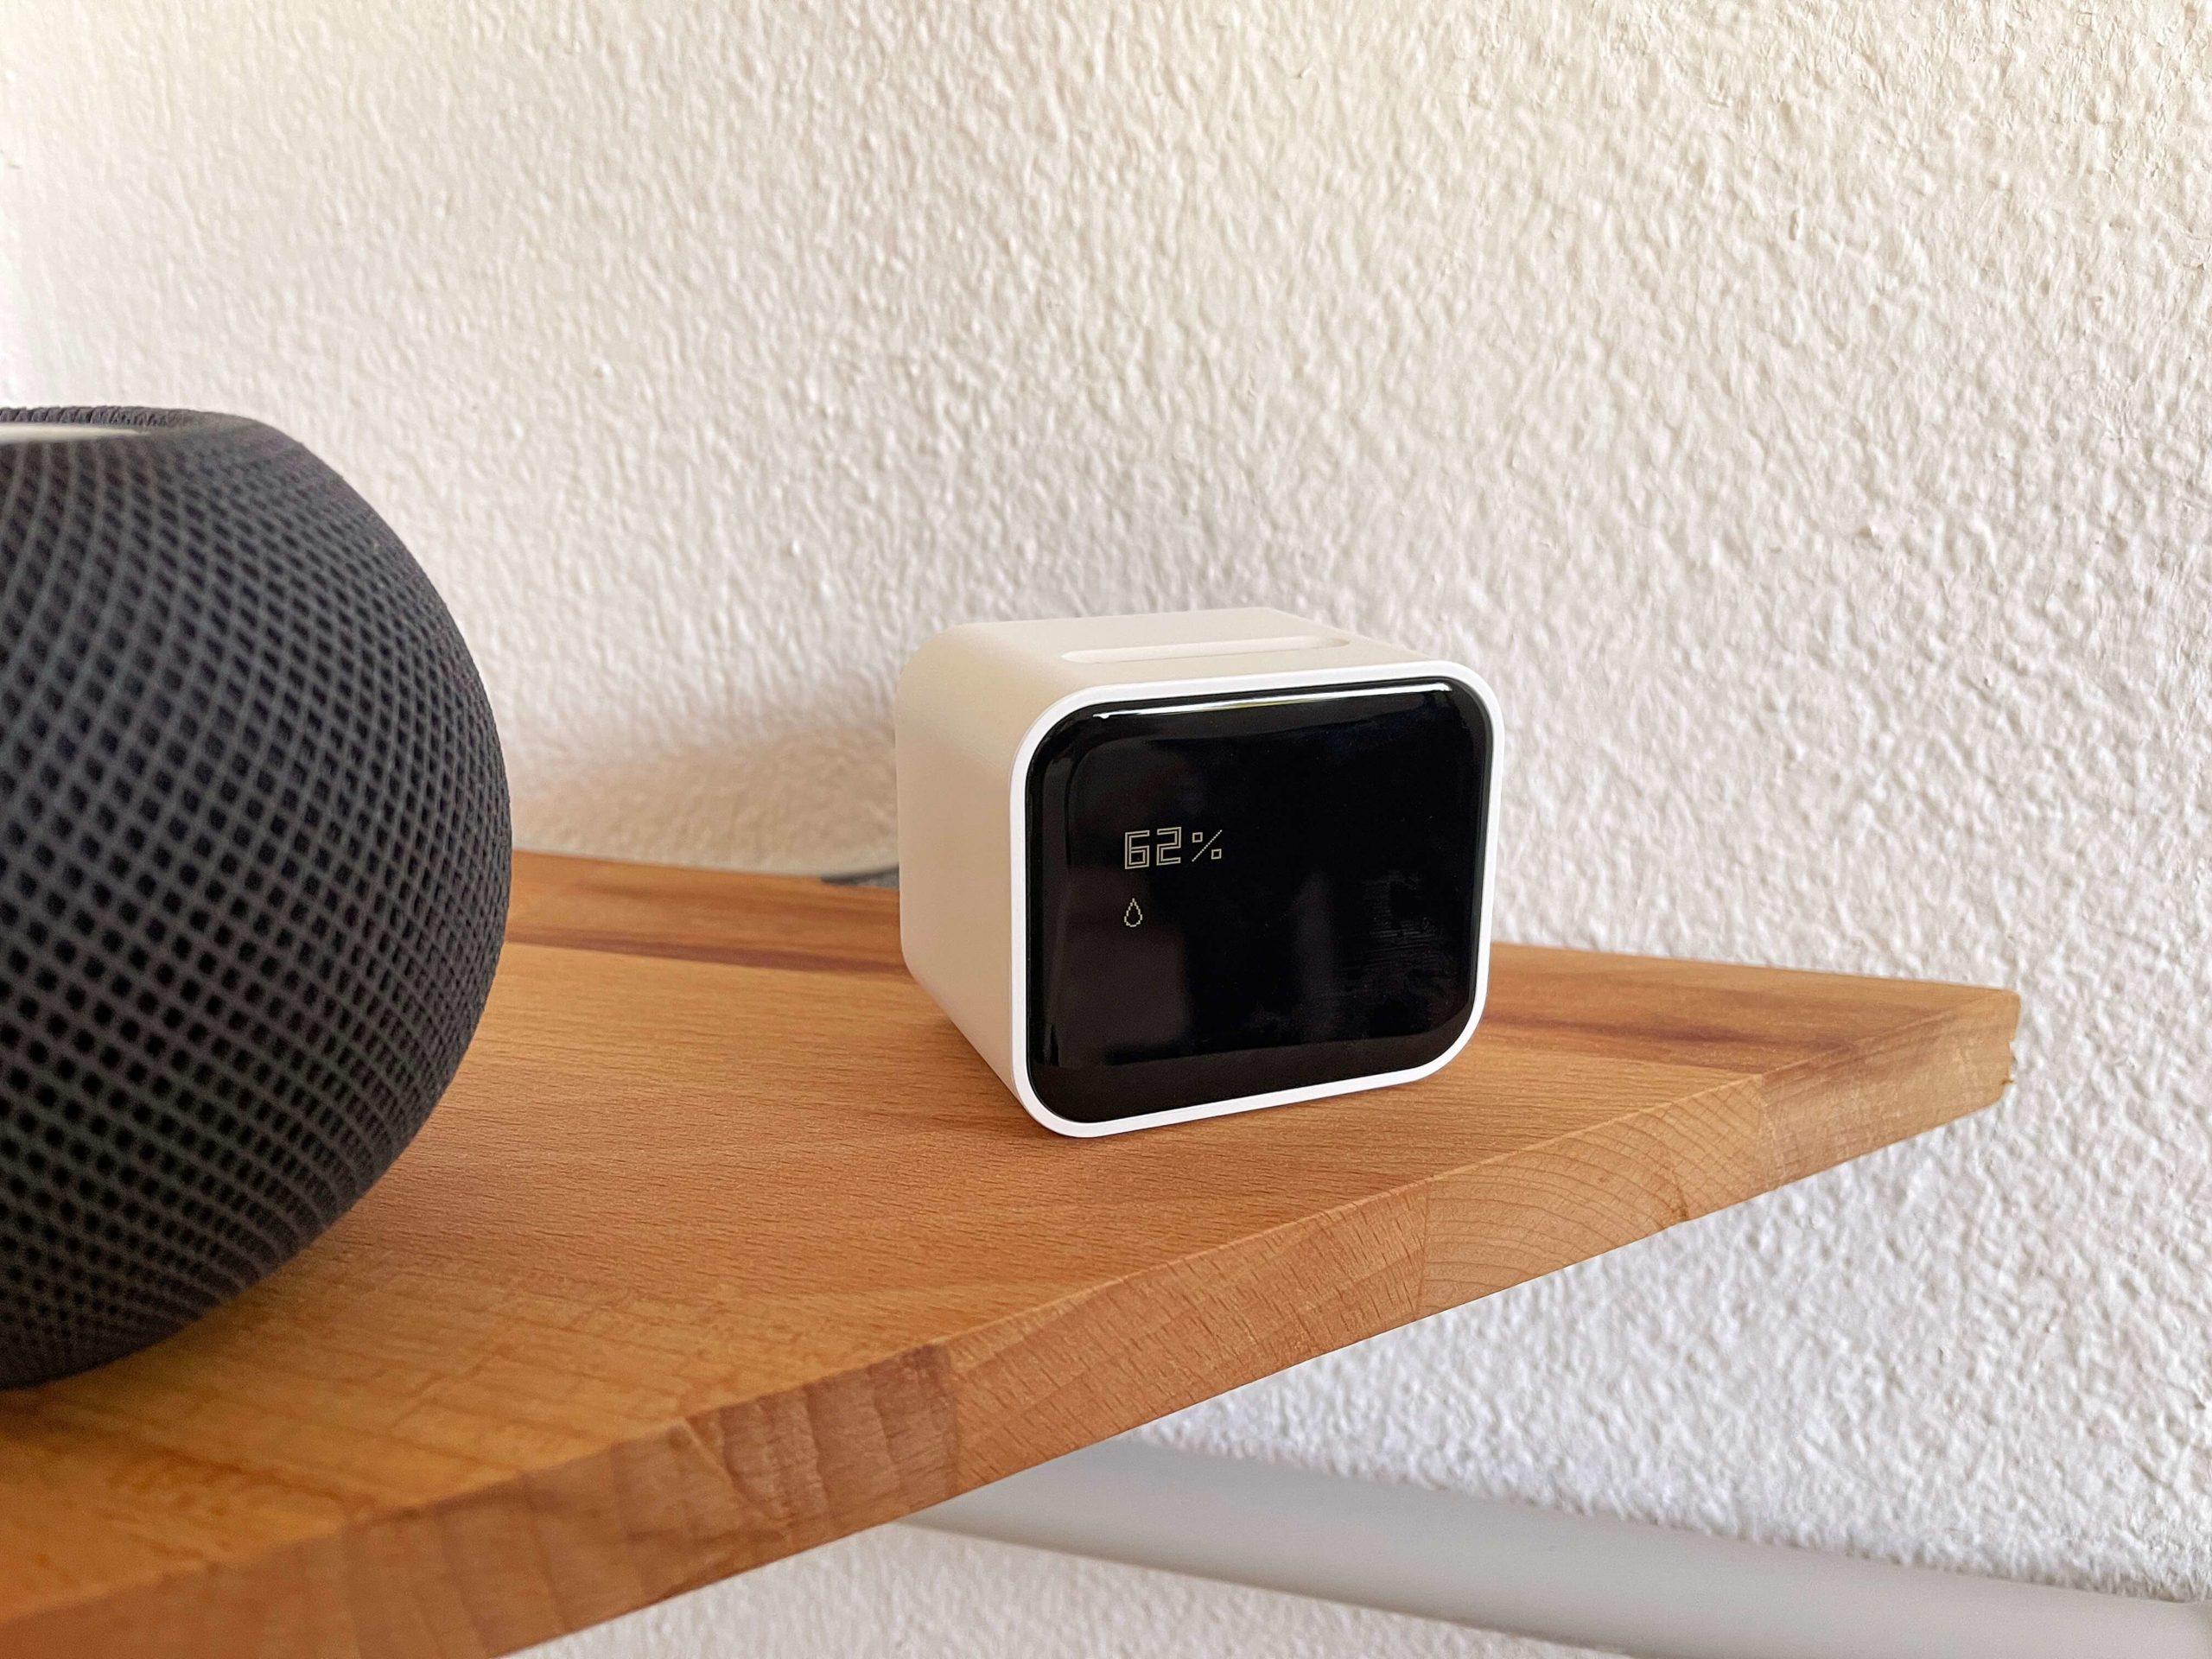 Luftdetektor-von-Cleargrass-das-Raumklima-via-Apple-HomeKit-im-Blick1-scaled Luftdetektor von Cleargrass - das Raumklima via Apple HomeKit im Blick